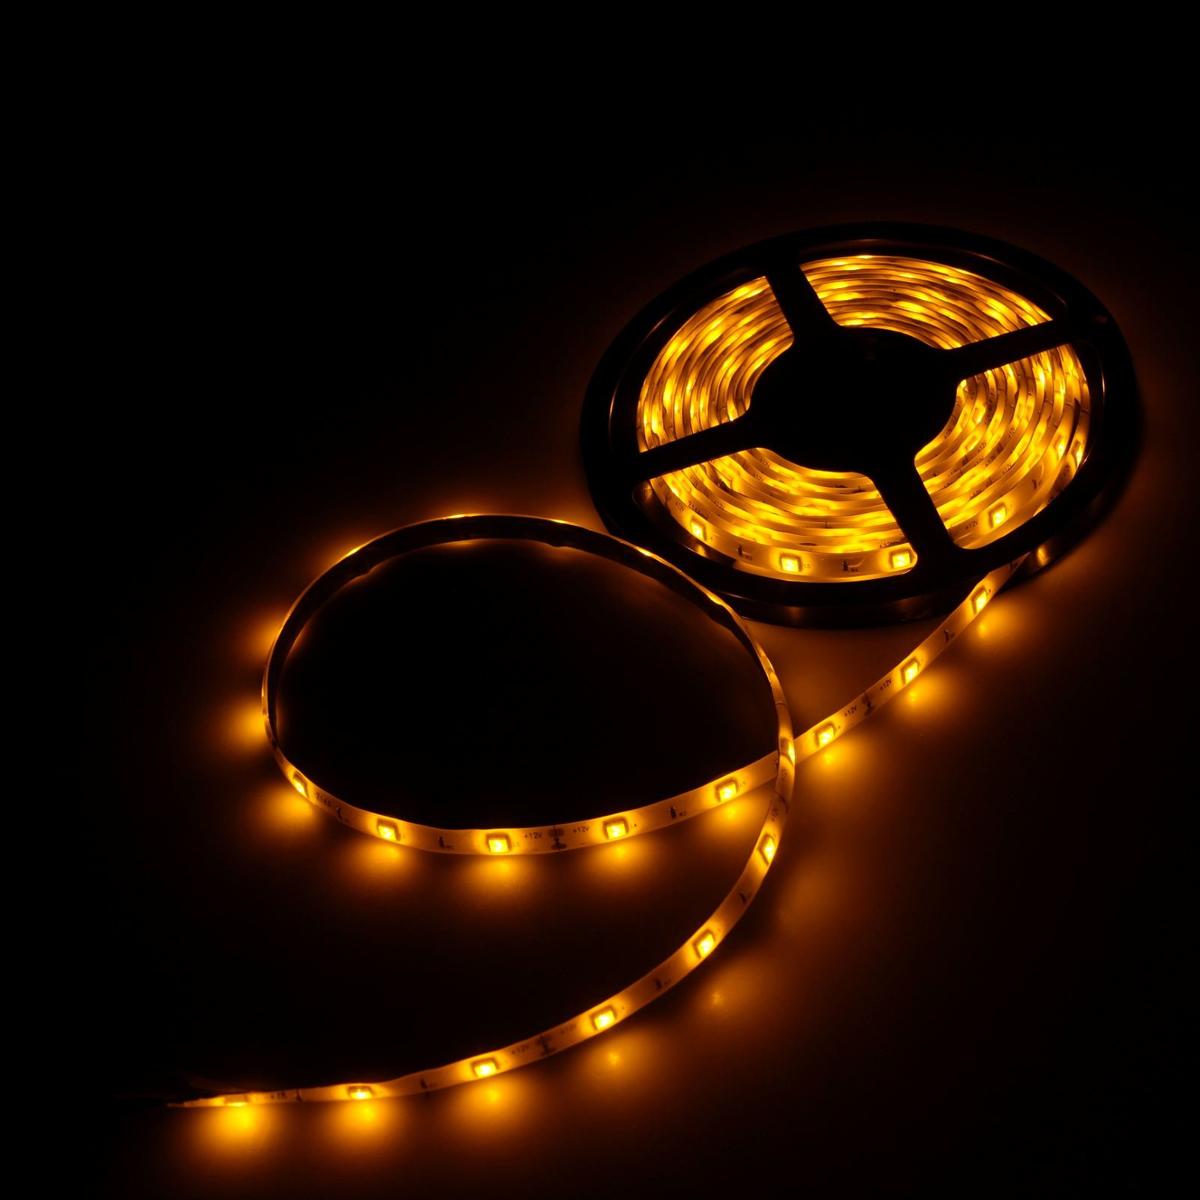 Светодиодная лента Luazon, 12В, SMD5050, длина 5 м, IP65, 30 LED ламп, 7.2 Вт/м, 14-16 Лм/1 LED, DC, цвет: желтый883924Светодиодные гирлянды, ленты и т.д — это отличный вариант для новогоднего оформления интерьера или фасада. С их помощью помещение любого размера можно превратить в праздничный зал, а внешние элементы зданий, украшенные ими, мгновенно станут напоминать очертания сказочного дворца. Такие украшения создают ауру предвкушения чуда. Деревья, фасады, витрины, окна и арки будто специально созданы, чтобы вы украсили их светящимися нитями.